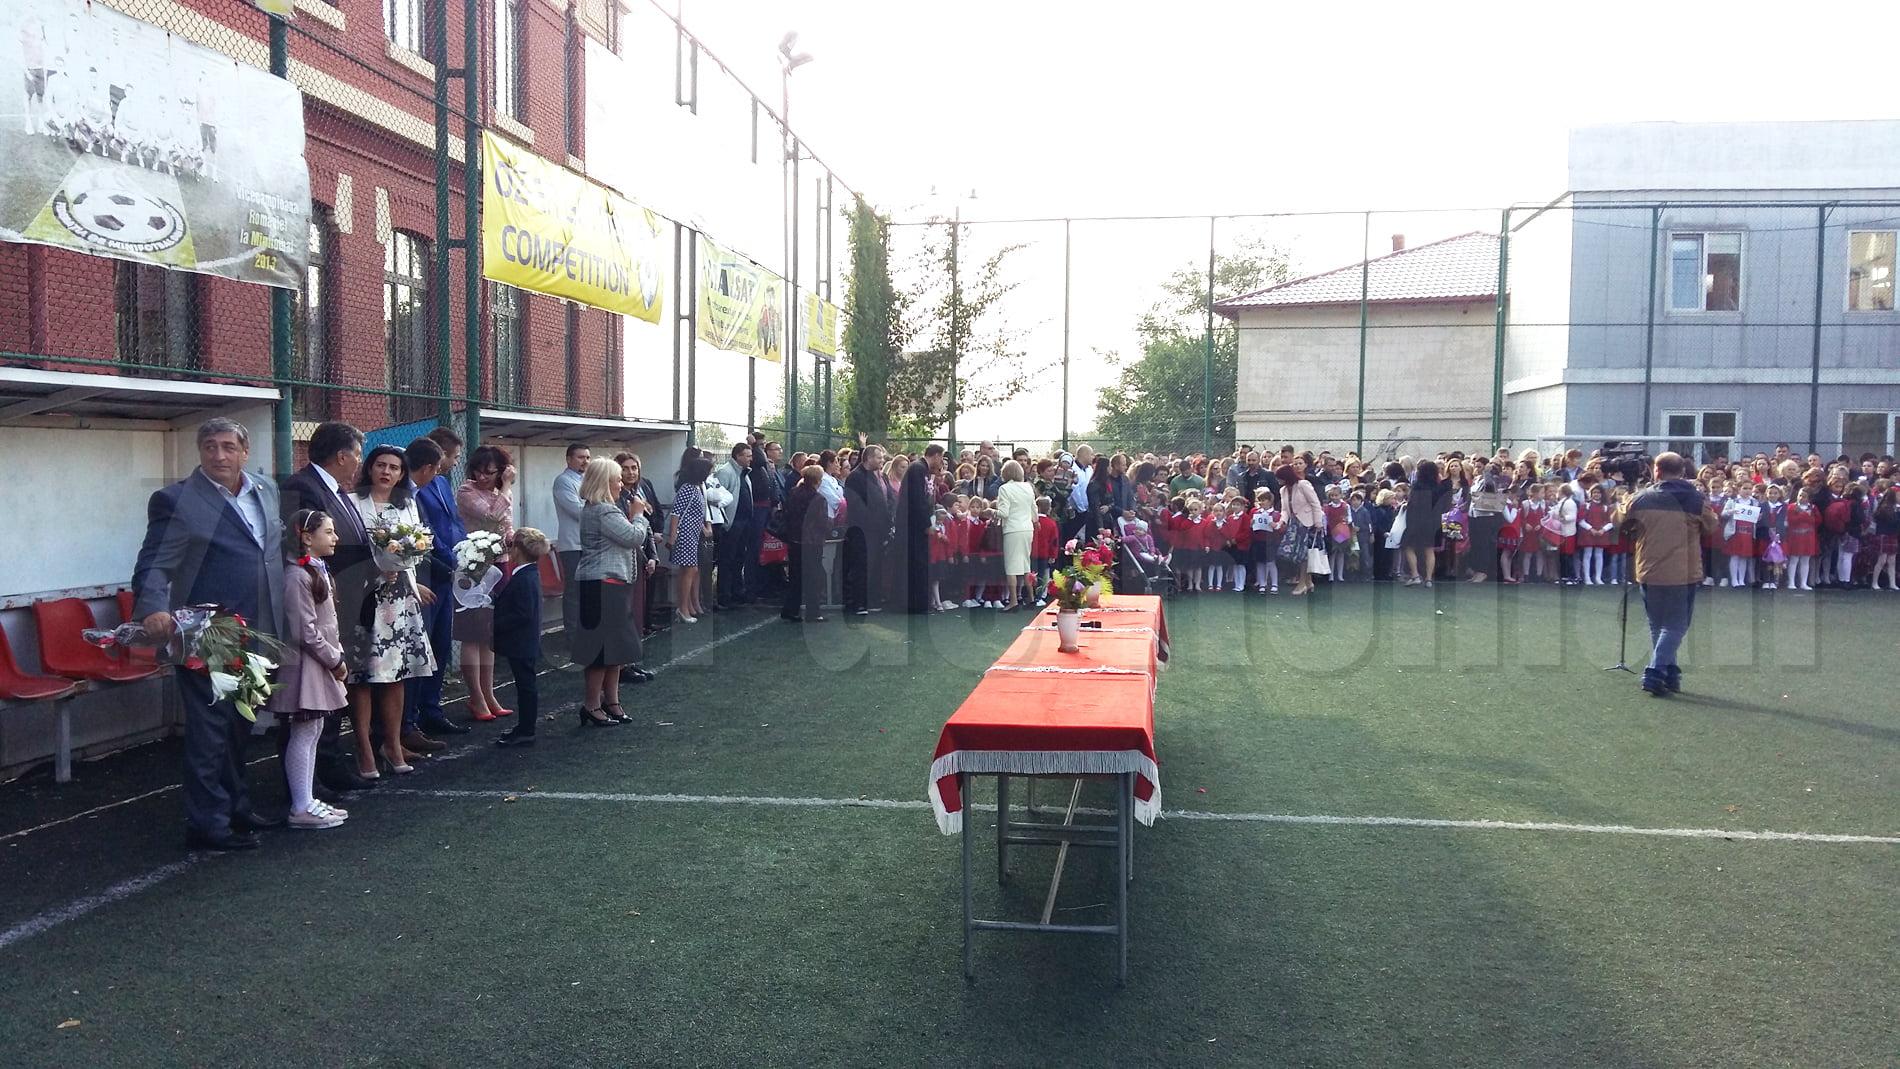 Festivități dedicate începutului de an școlar, la unitățile de învățământ din Roman